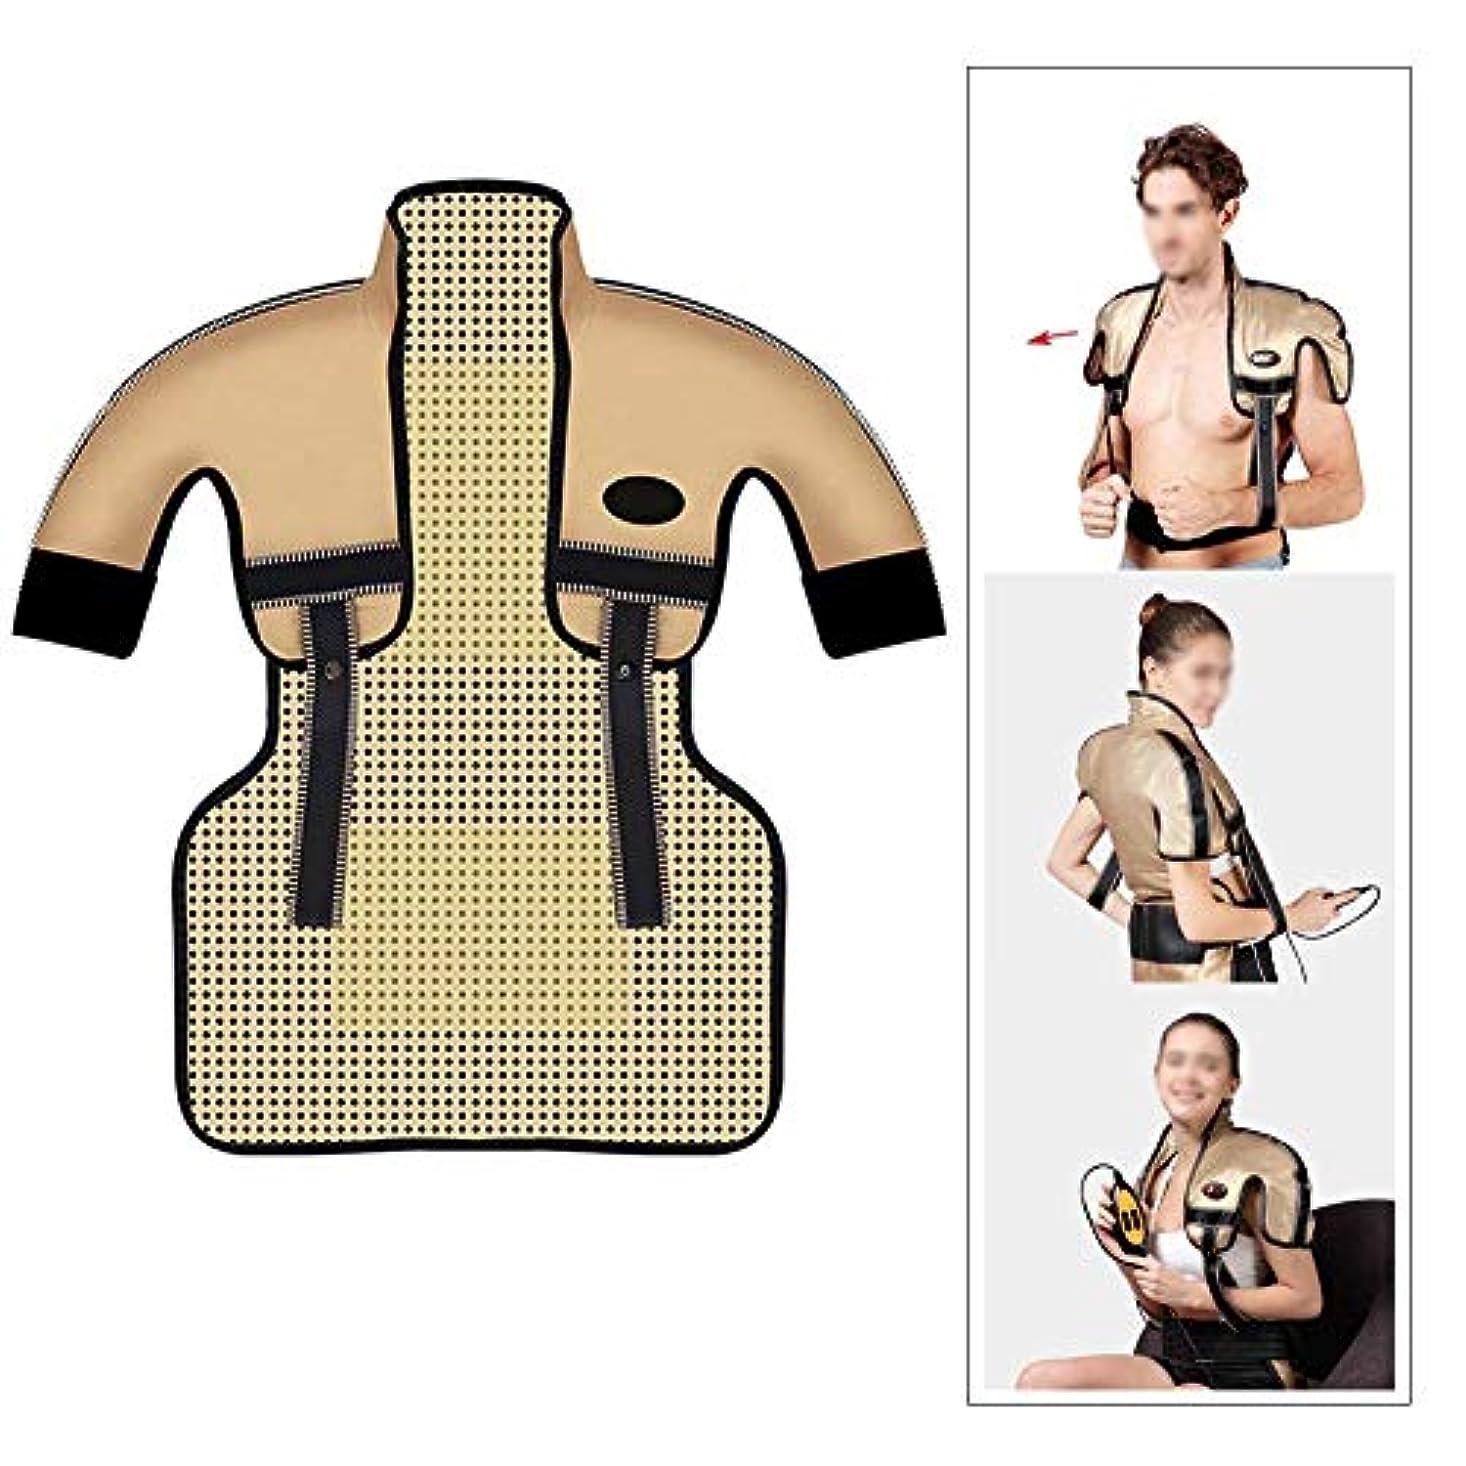 生まれ背景一月肩と首の電気加熱パッド - 混練加熱、痛みを和らげるヒートパッド、医療用品マッサージベスト(肩幅用:35-50CM)